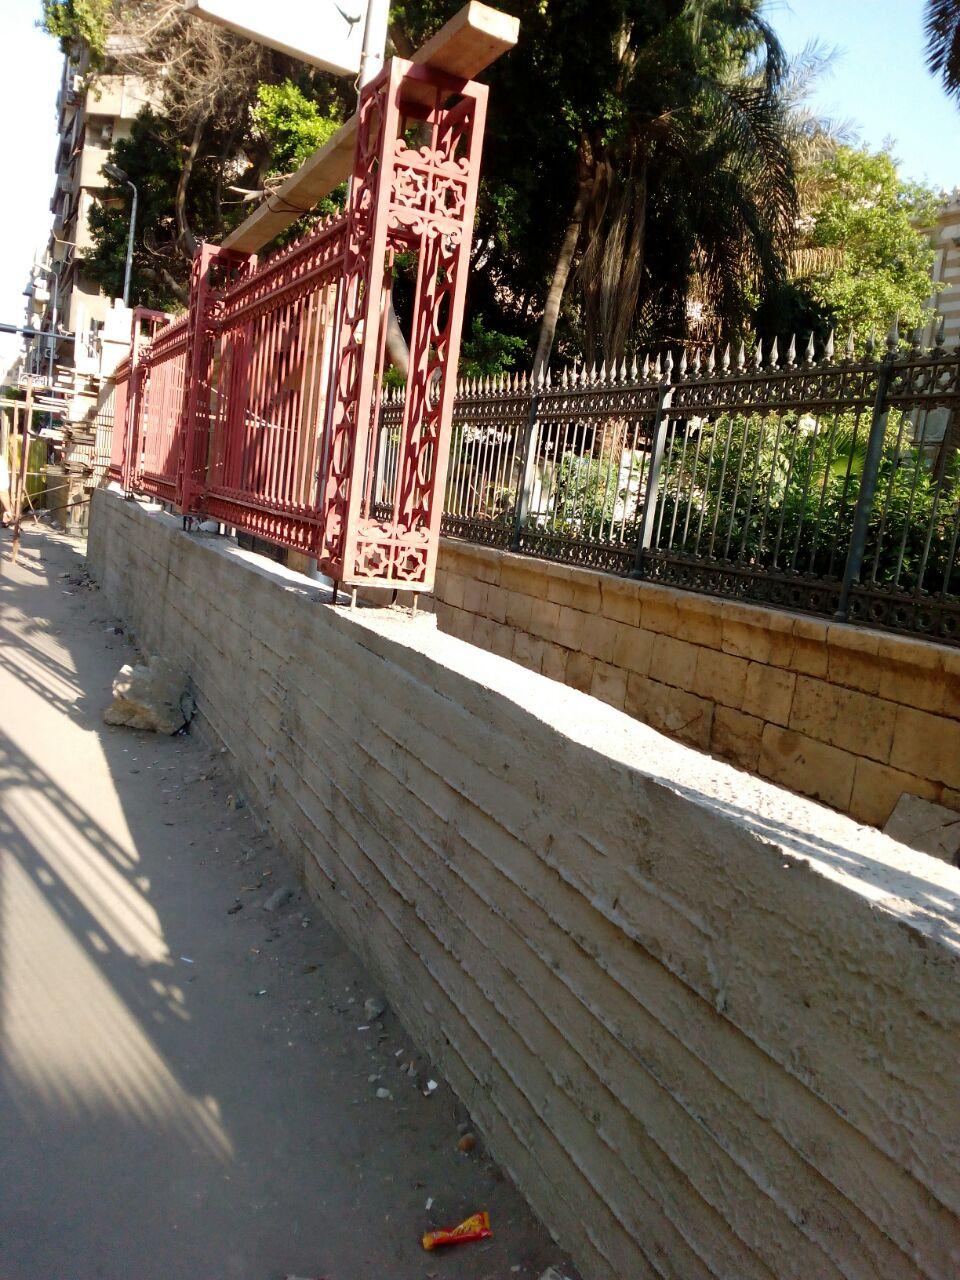 «مواطن»: الوزارات بتنقل مقراتها لتخفيف الزحام «والأوقاف» بتضم متر ونصف من الشارع